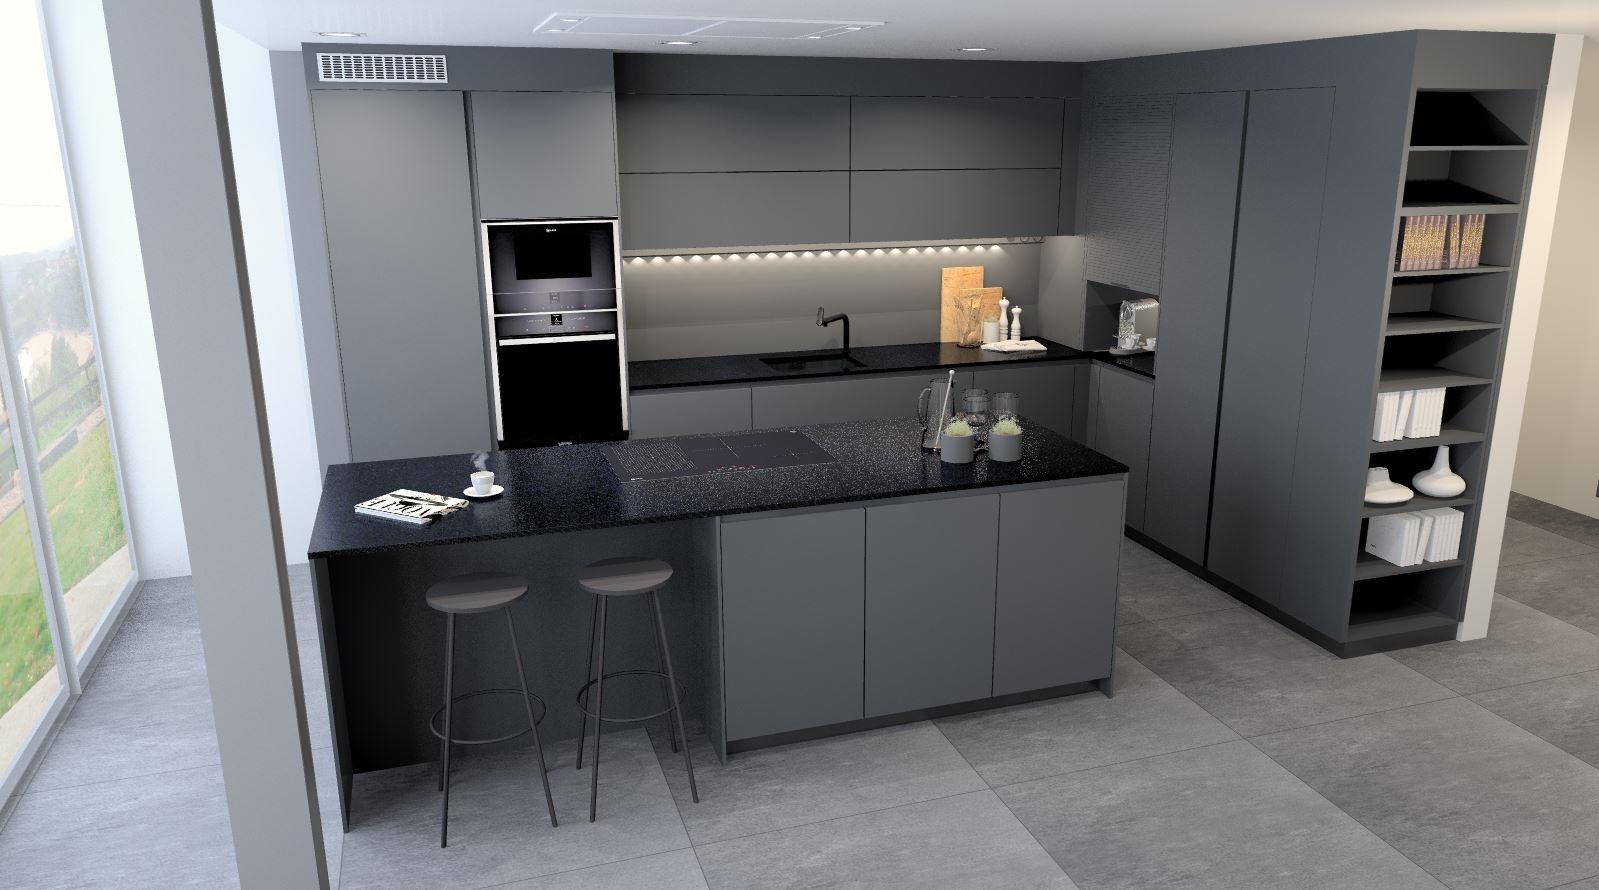 Grifos de cocina con color: blanco o negro